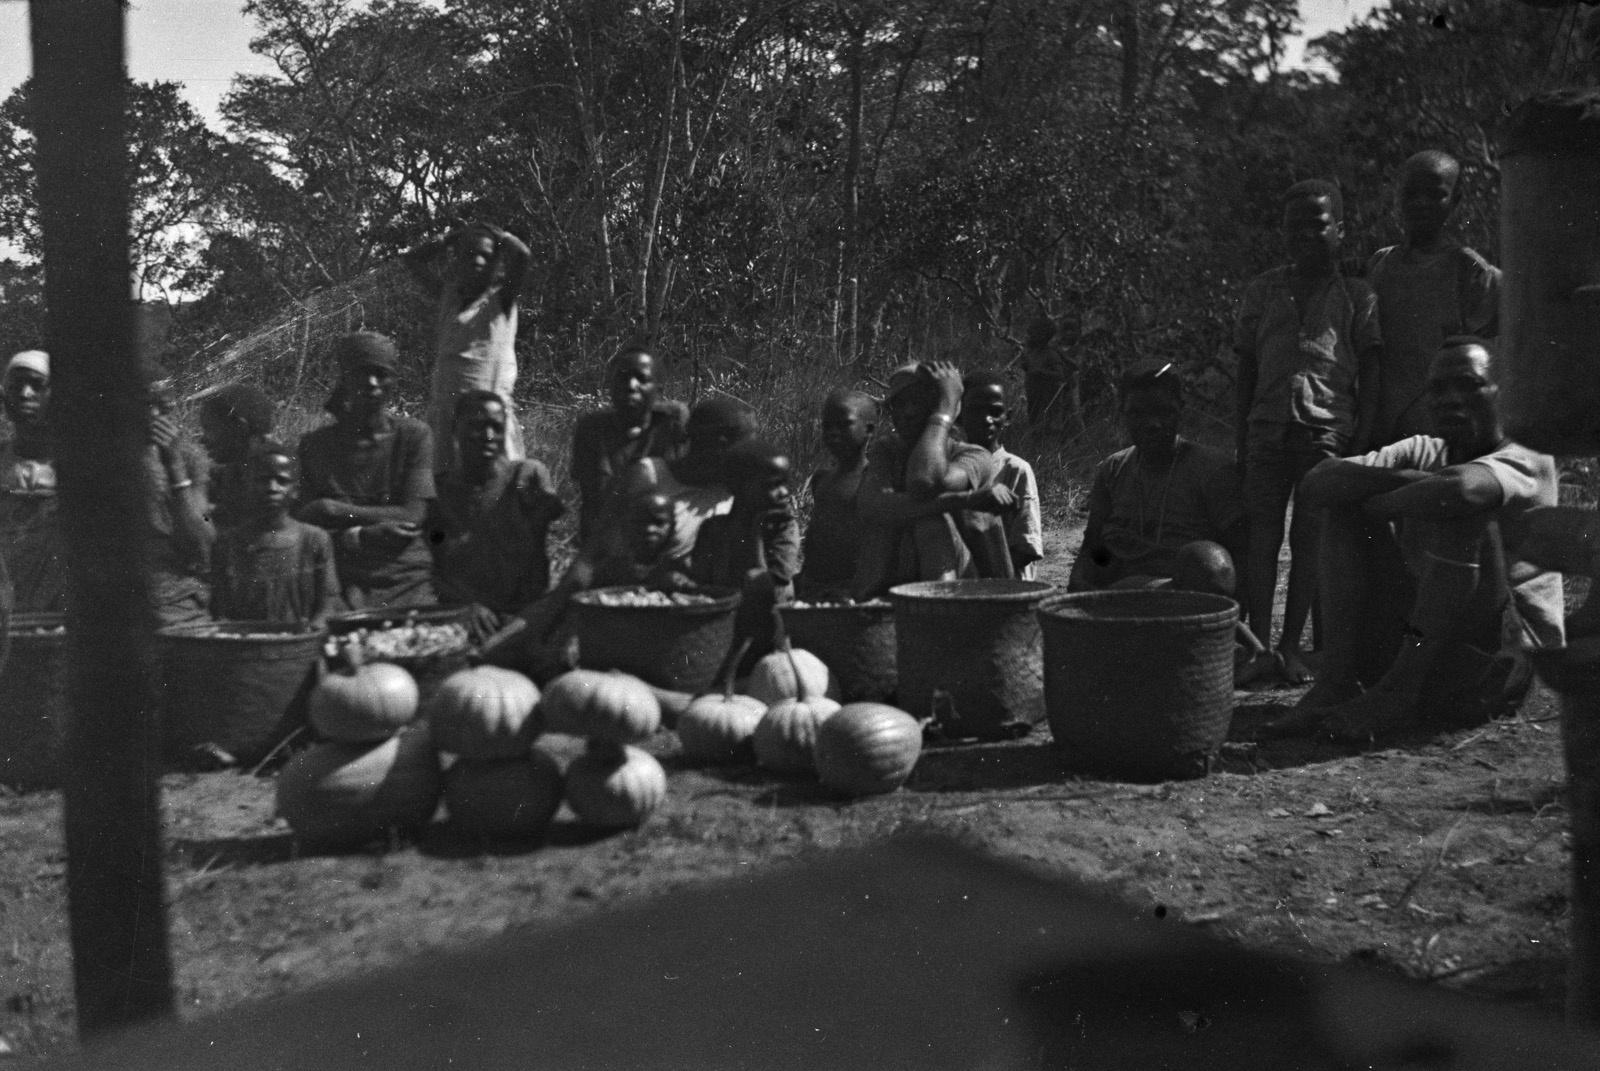 Между Капири Мпоши и рекой Лунсемфва. Жители деревни пытаются продать тыквыц и сладкий картофель